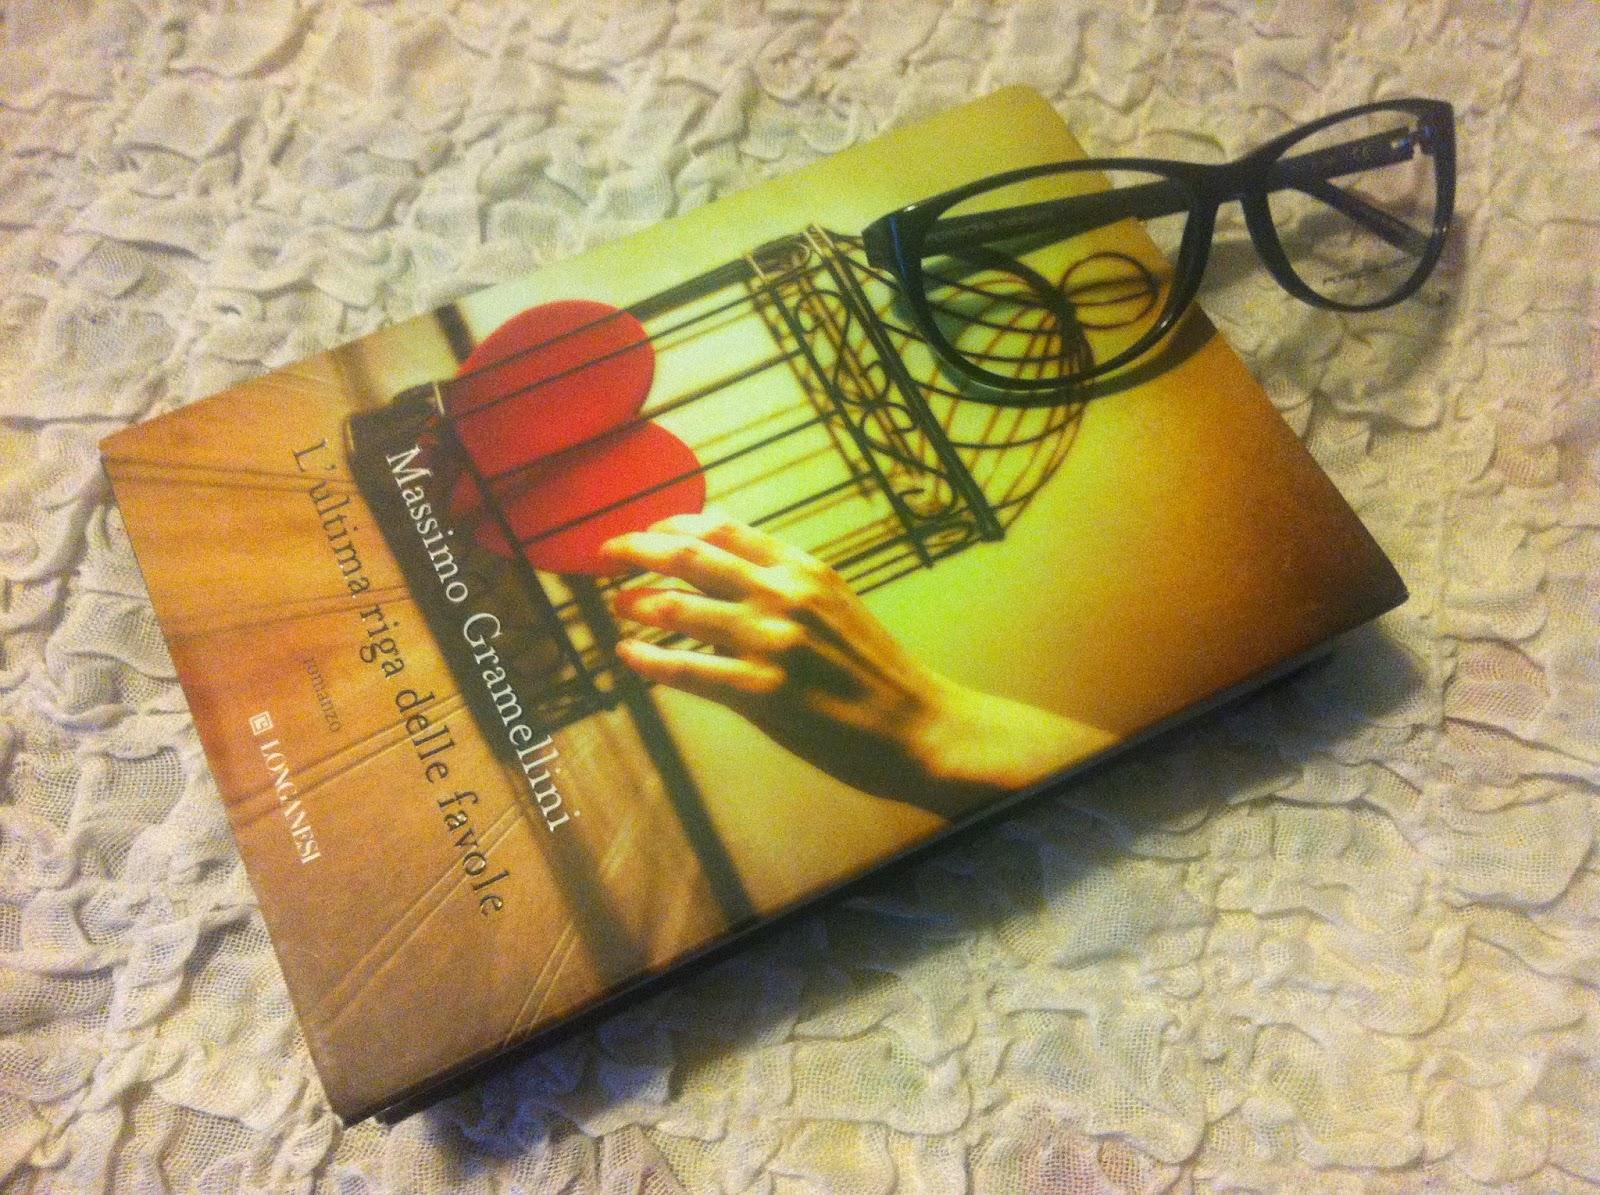 Le orecchie ai libri, Massimo Gramellini, L'ultima riga delle favole, occhiali da vista, occhiali Porsche Design Rodenstock